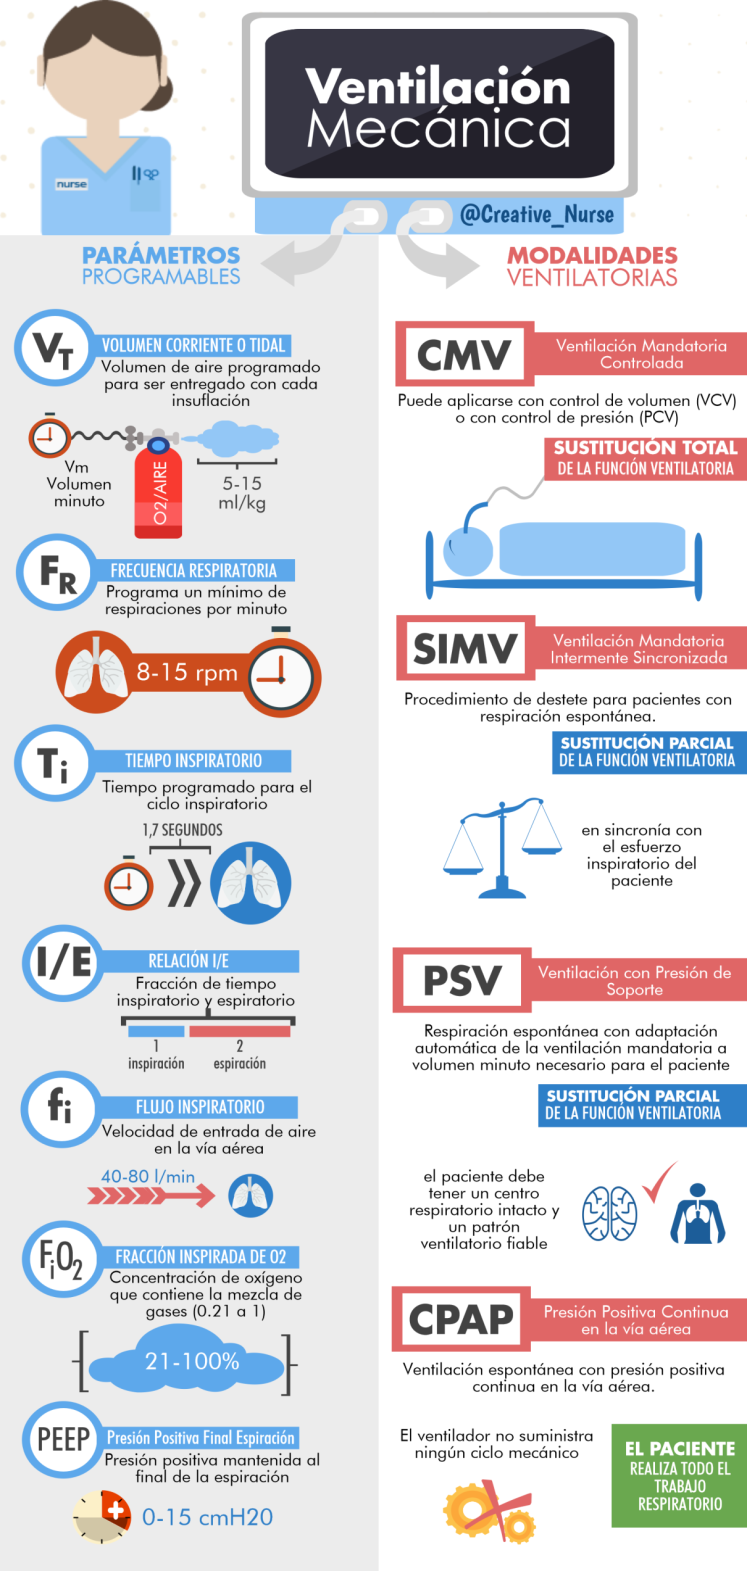 Conceptos Básicos de Ventilación Mecánica